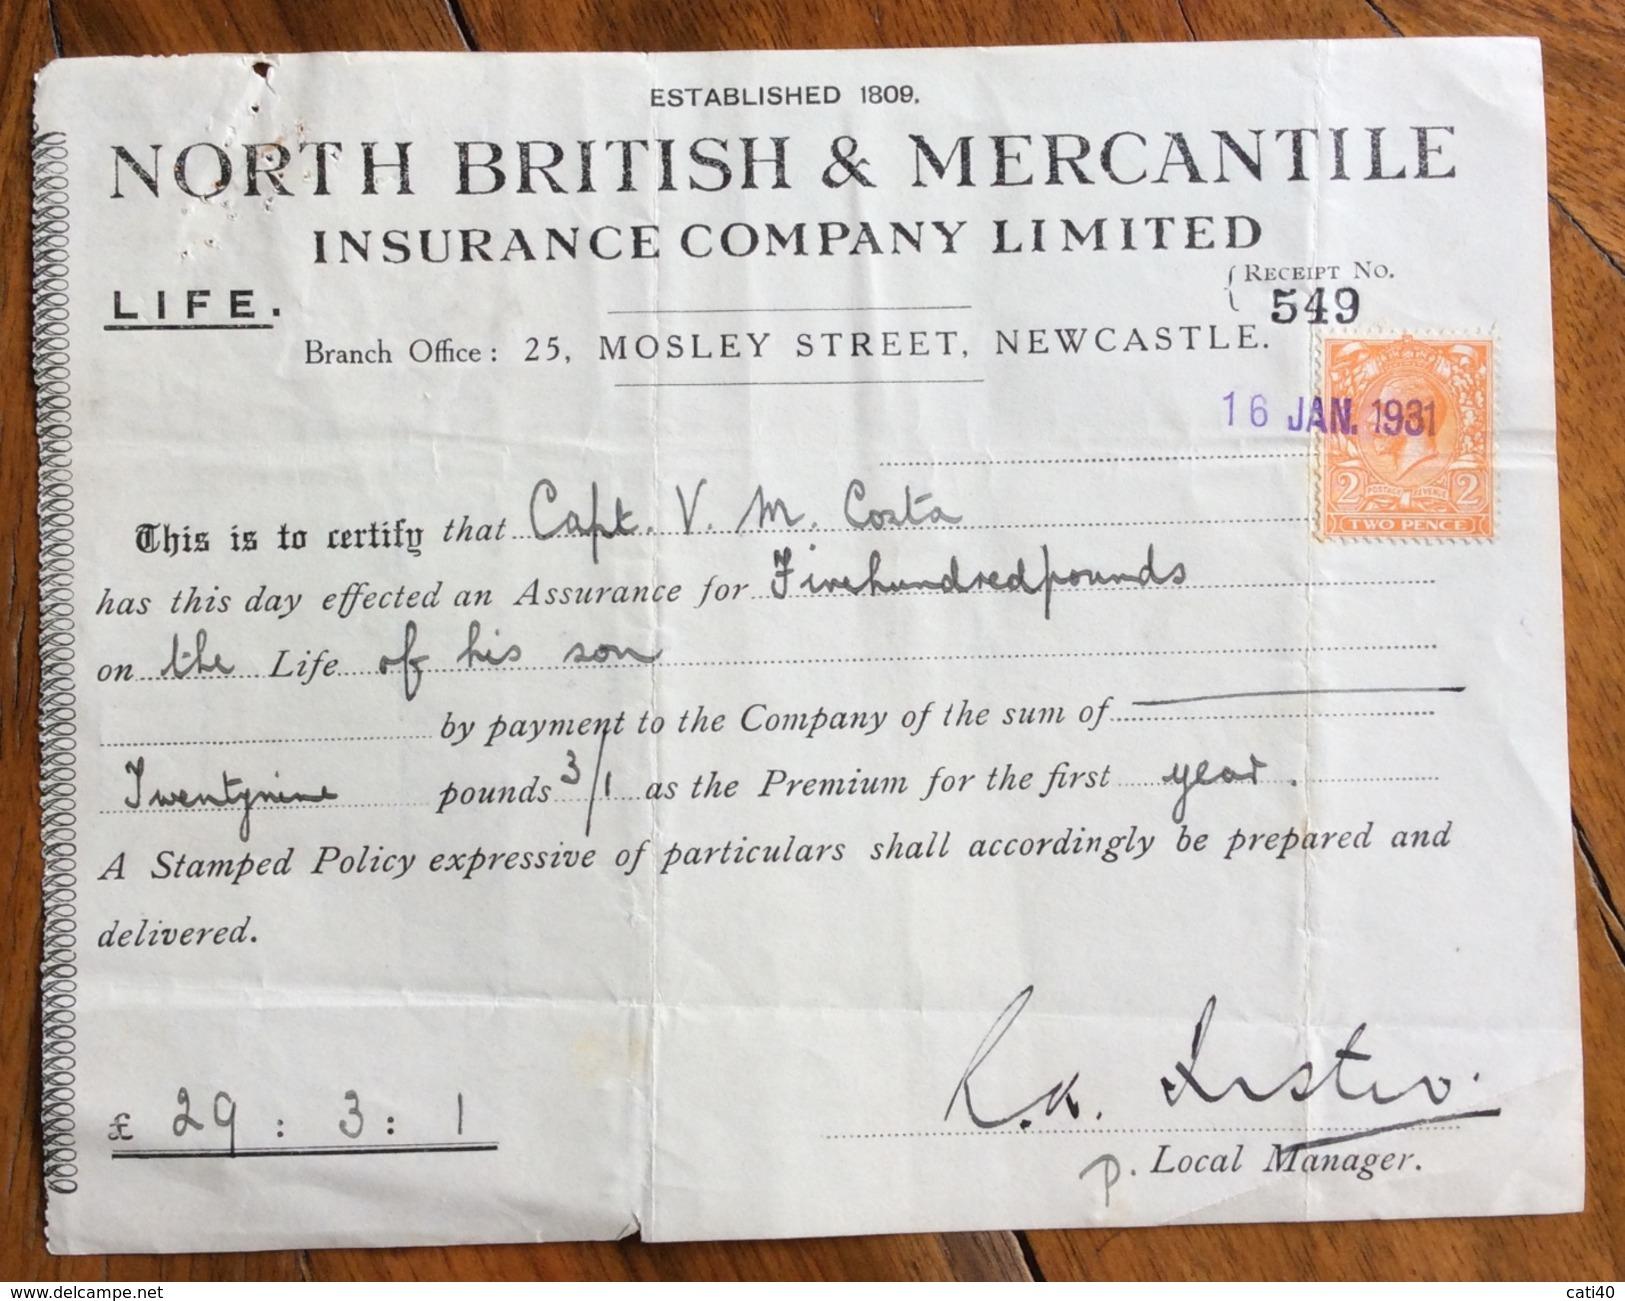 REGNO UNITO NORTH BRITISH & MERCANTILE INSURANCE COMPANY LIMITED    RICEVUTA CON FRANCOBOLLO/MARCA DA BOLLO - Royaume-Uni